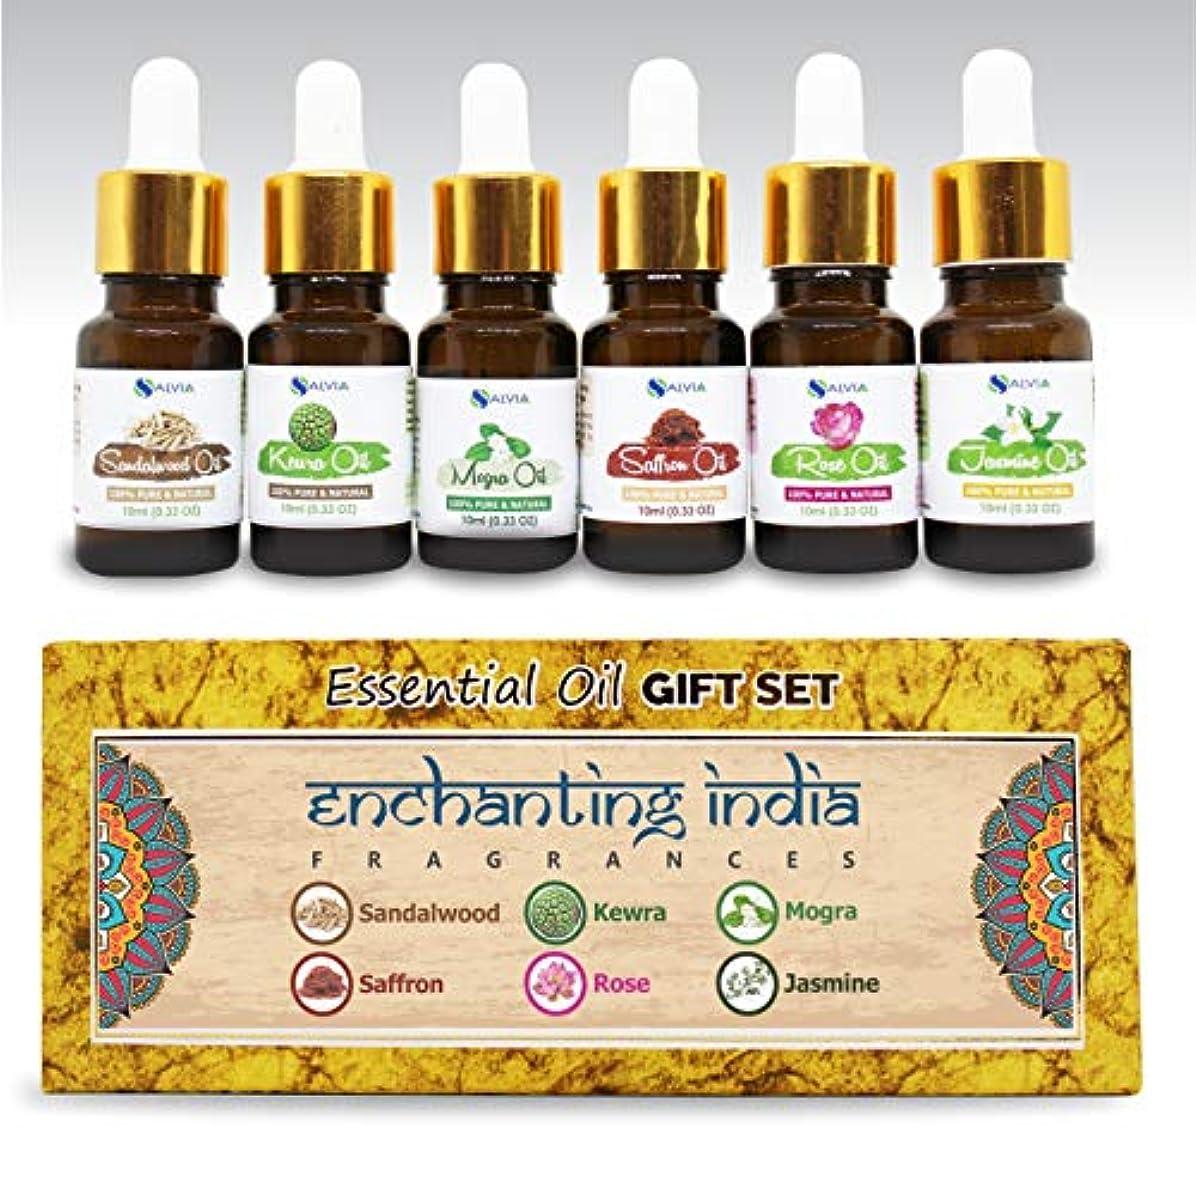 アグネスグレイ貫通する怒るAromatherapy Essential Oils - Pack of 6 100% Pure & Natural Therapeutic Oils - 10 ML each (Sandalwood, Rose, Saffron...